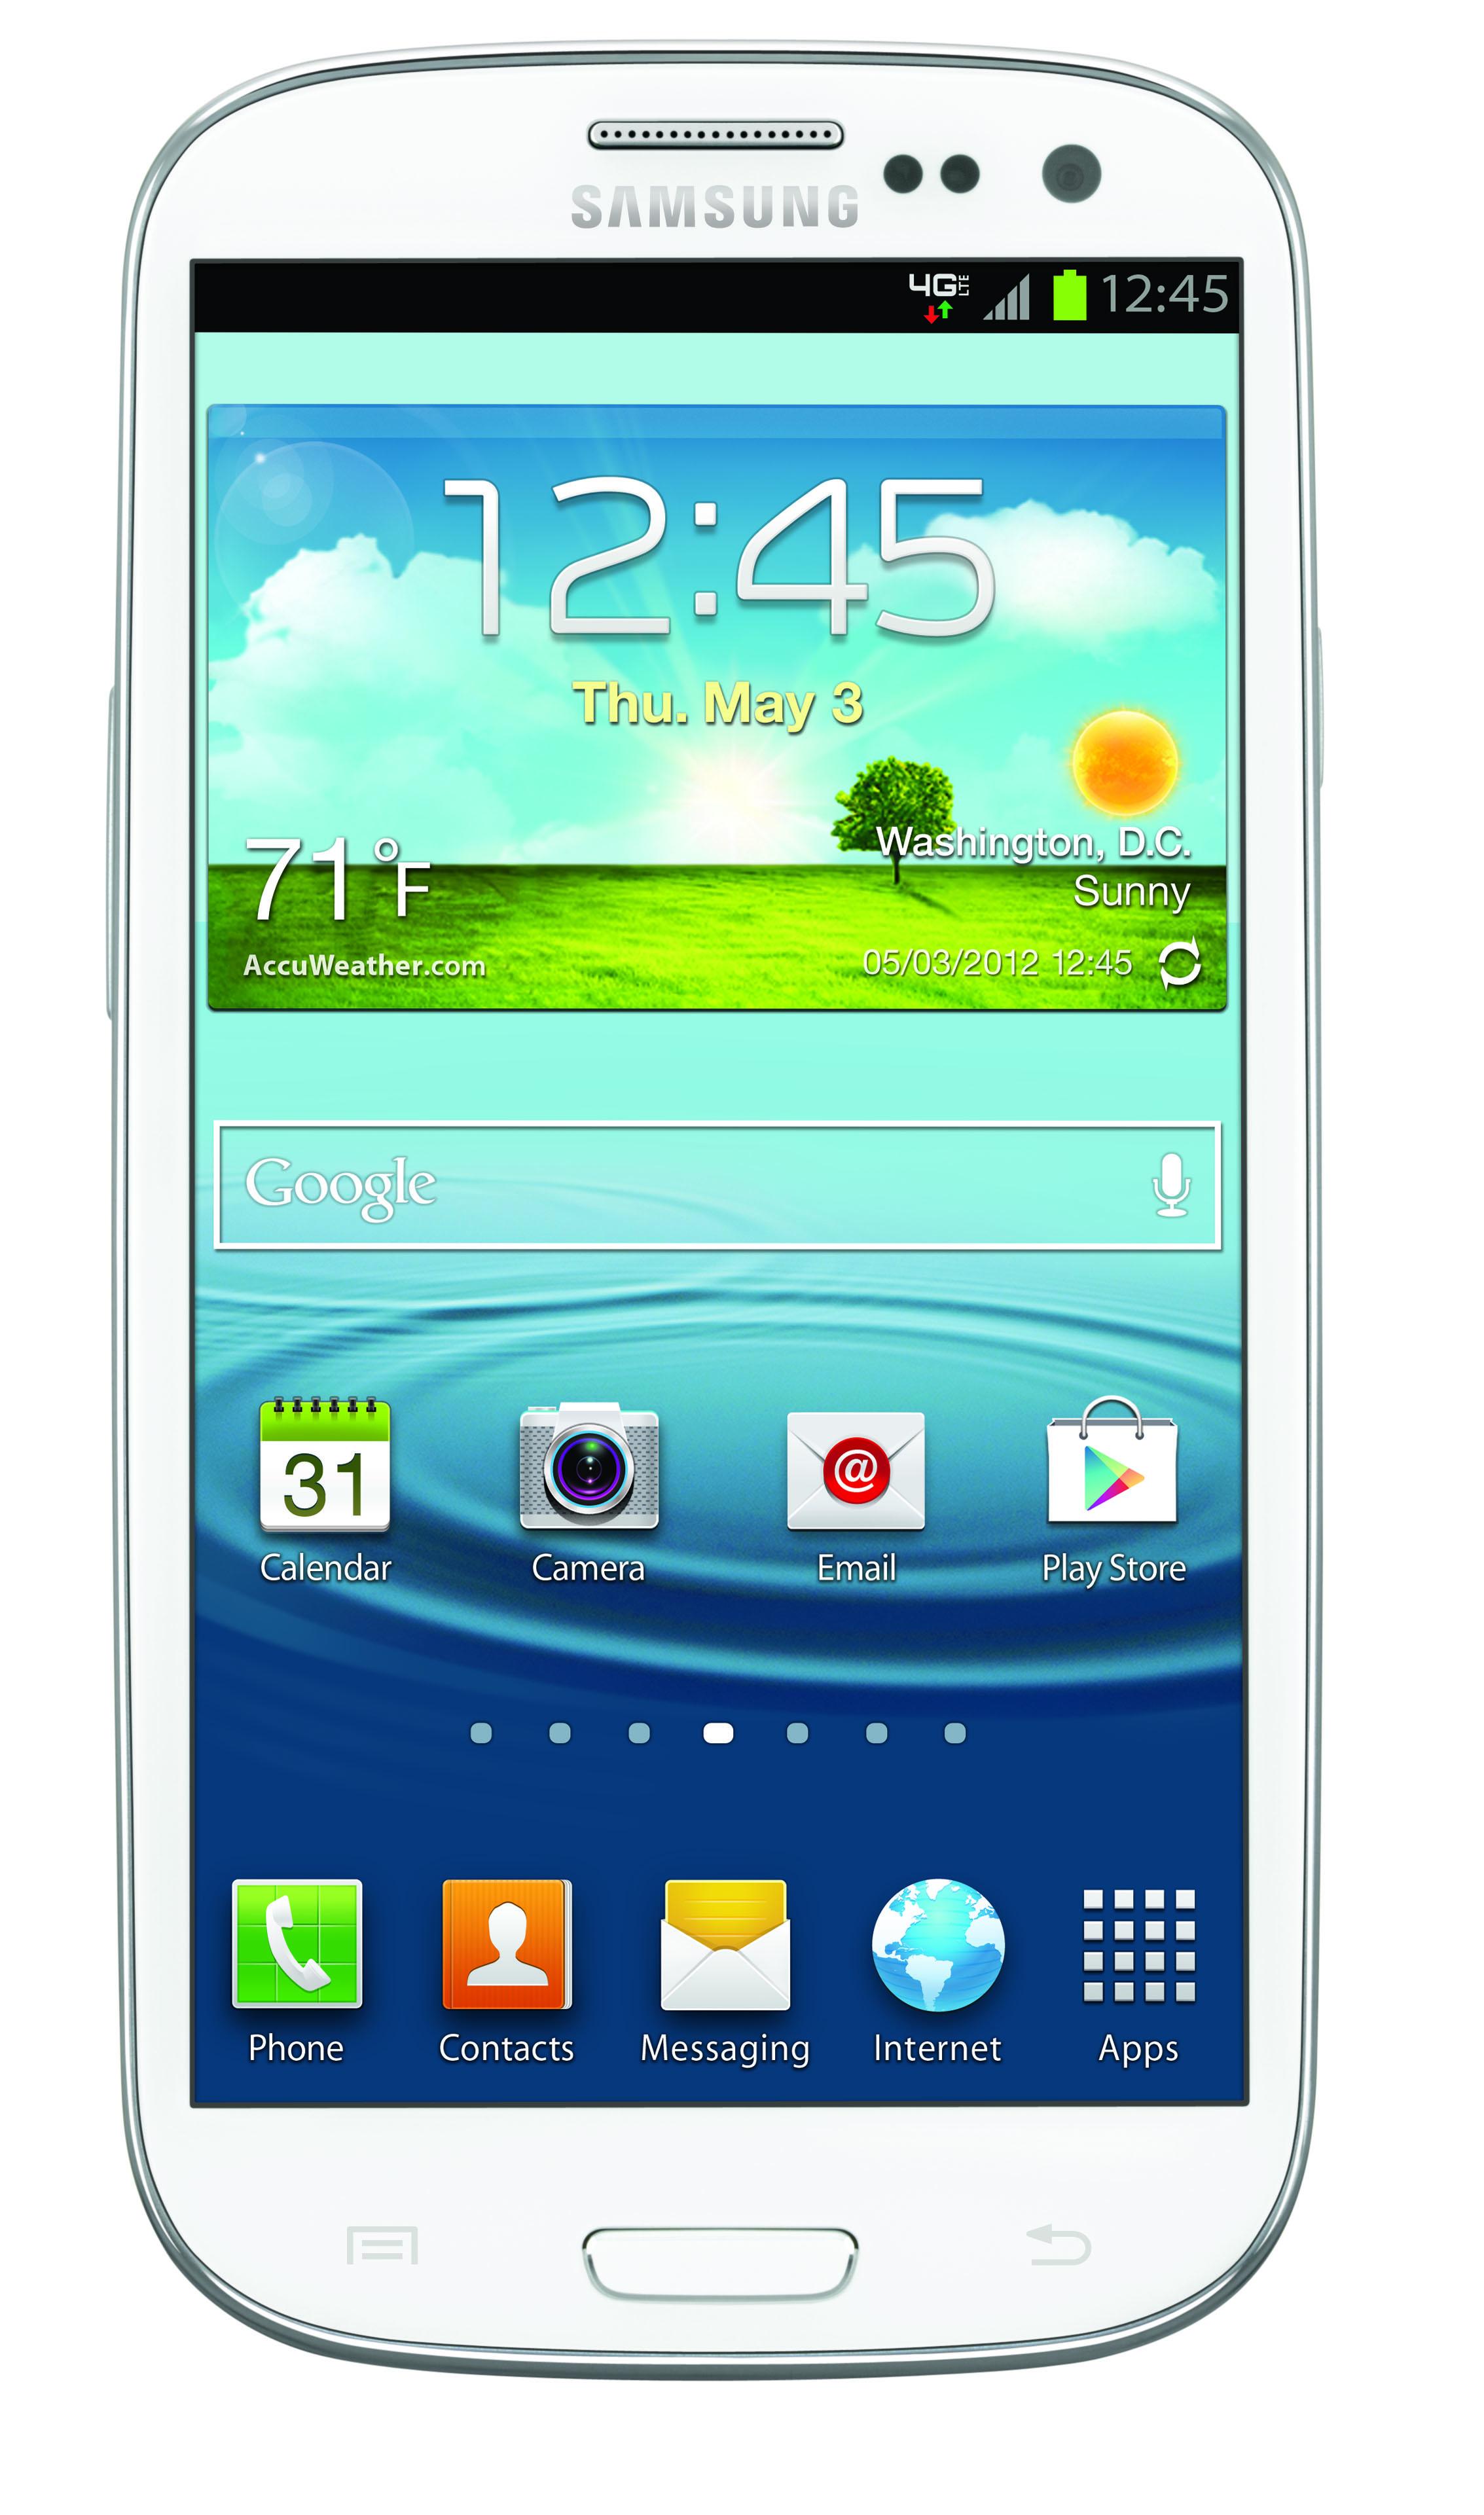 Samsung Galaxy S III Front